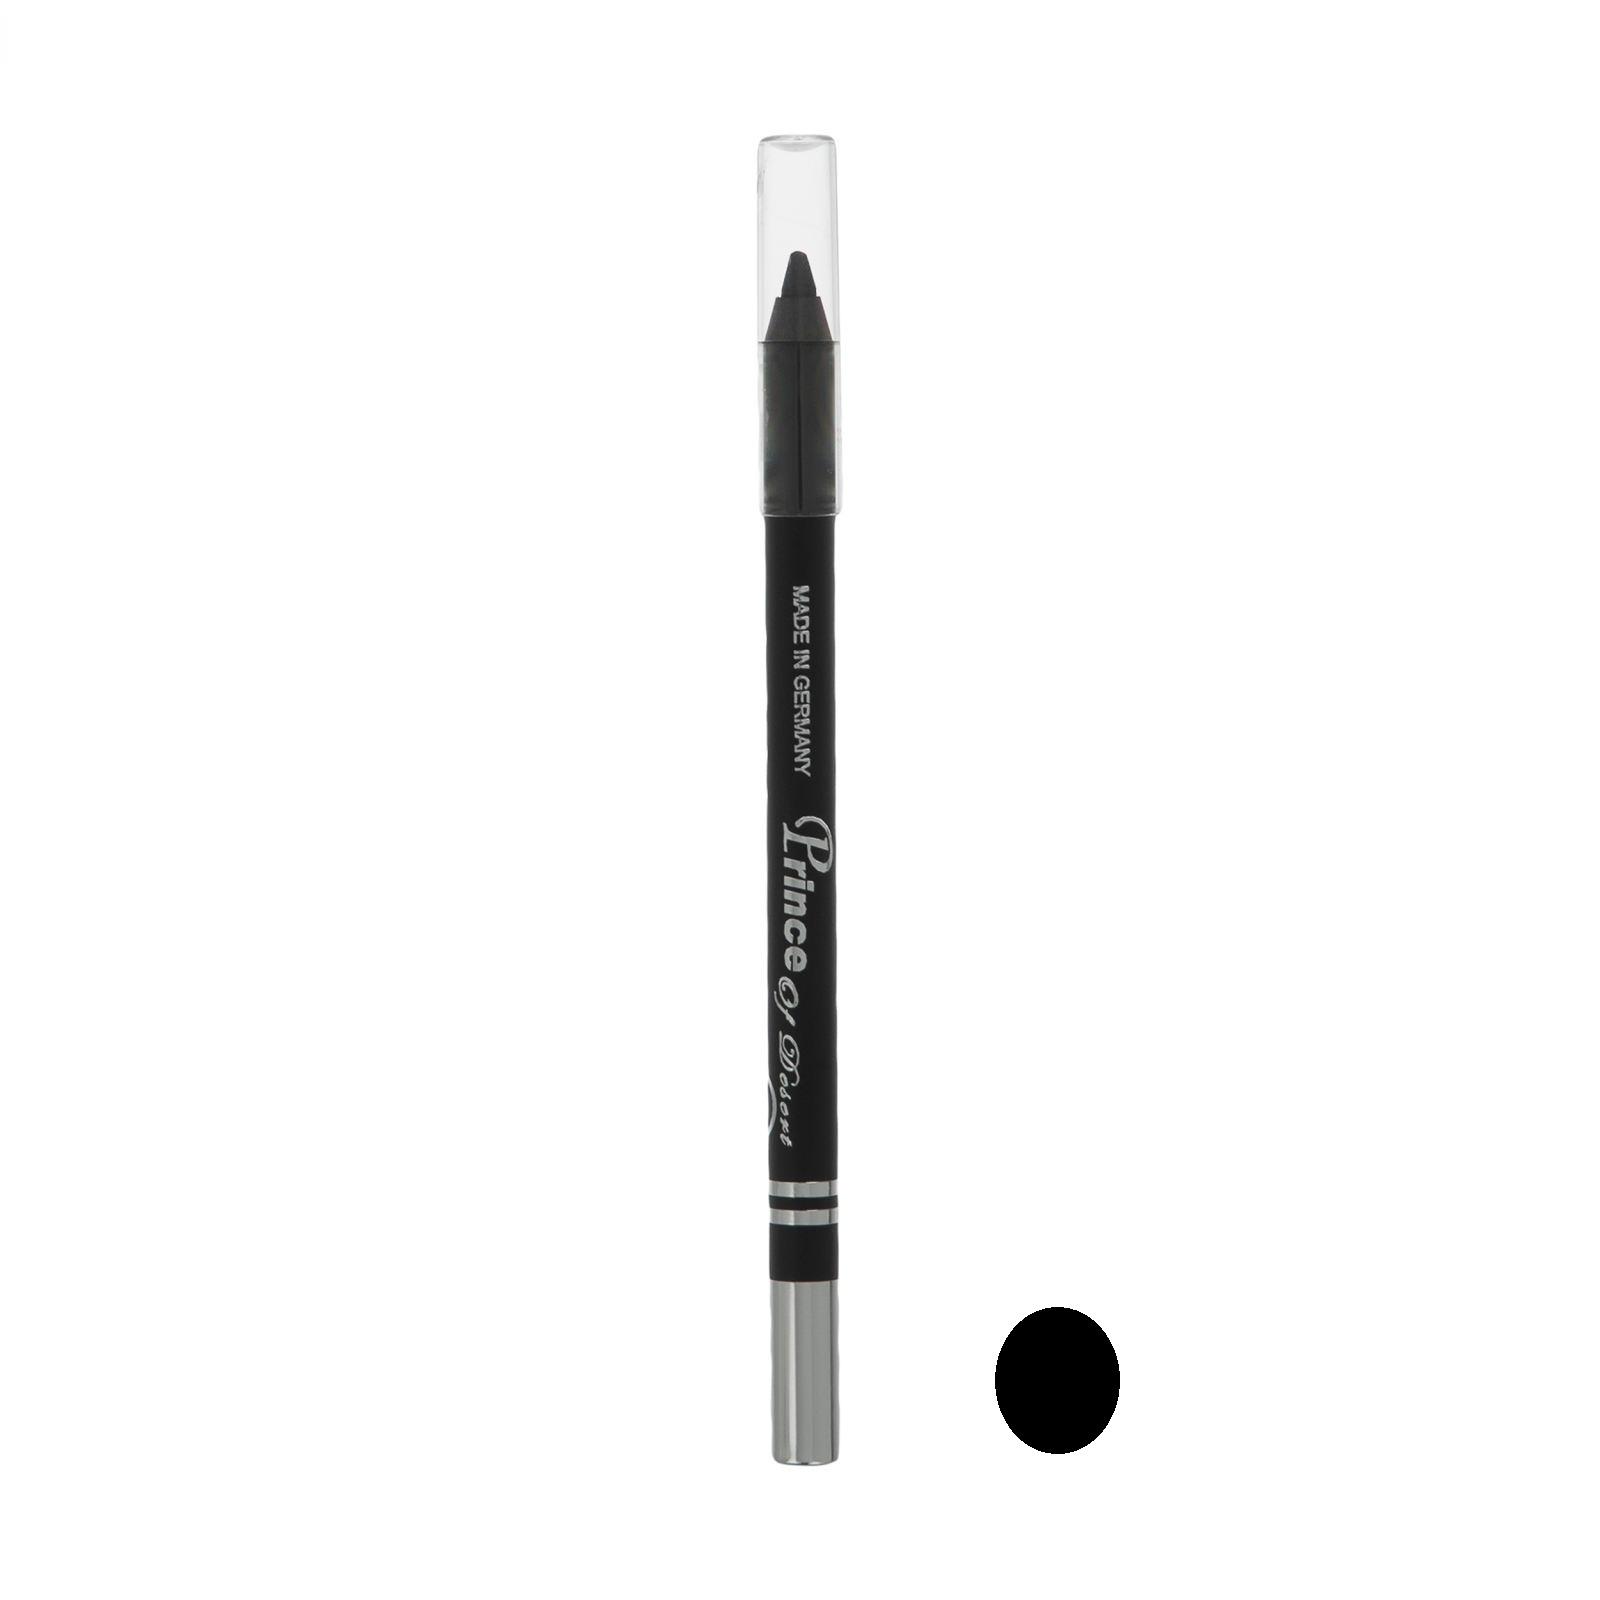 مداد چشم پرینس آو دیزرت شماره E1